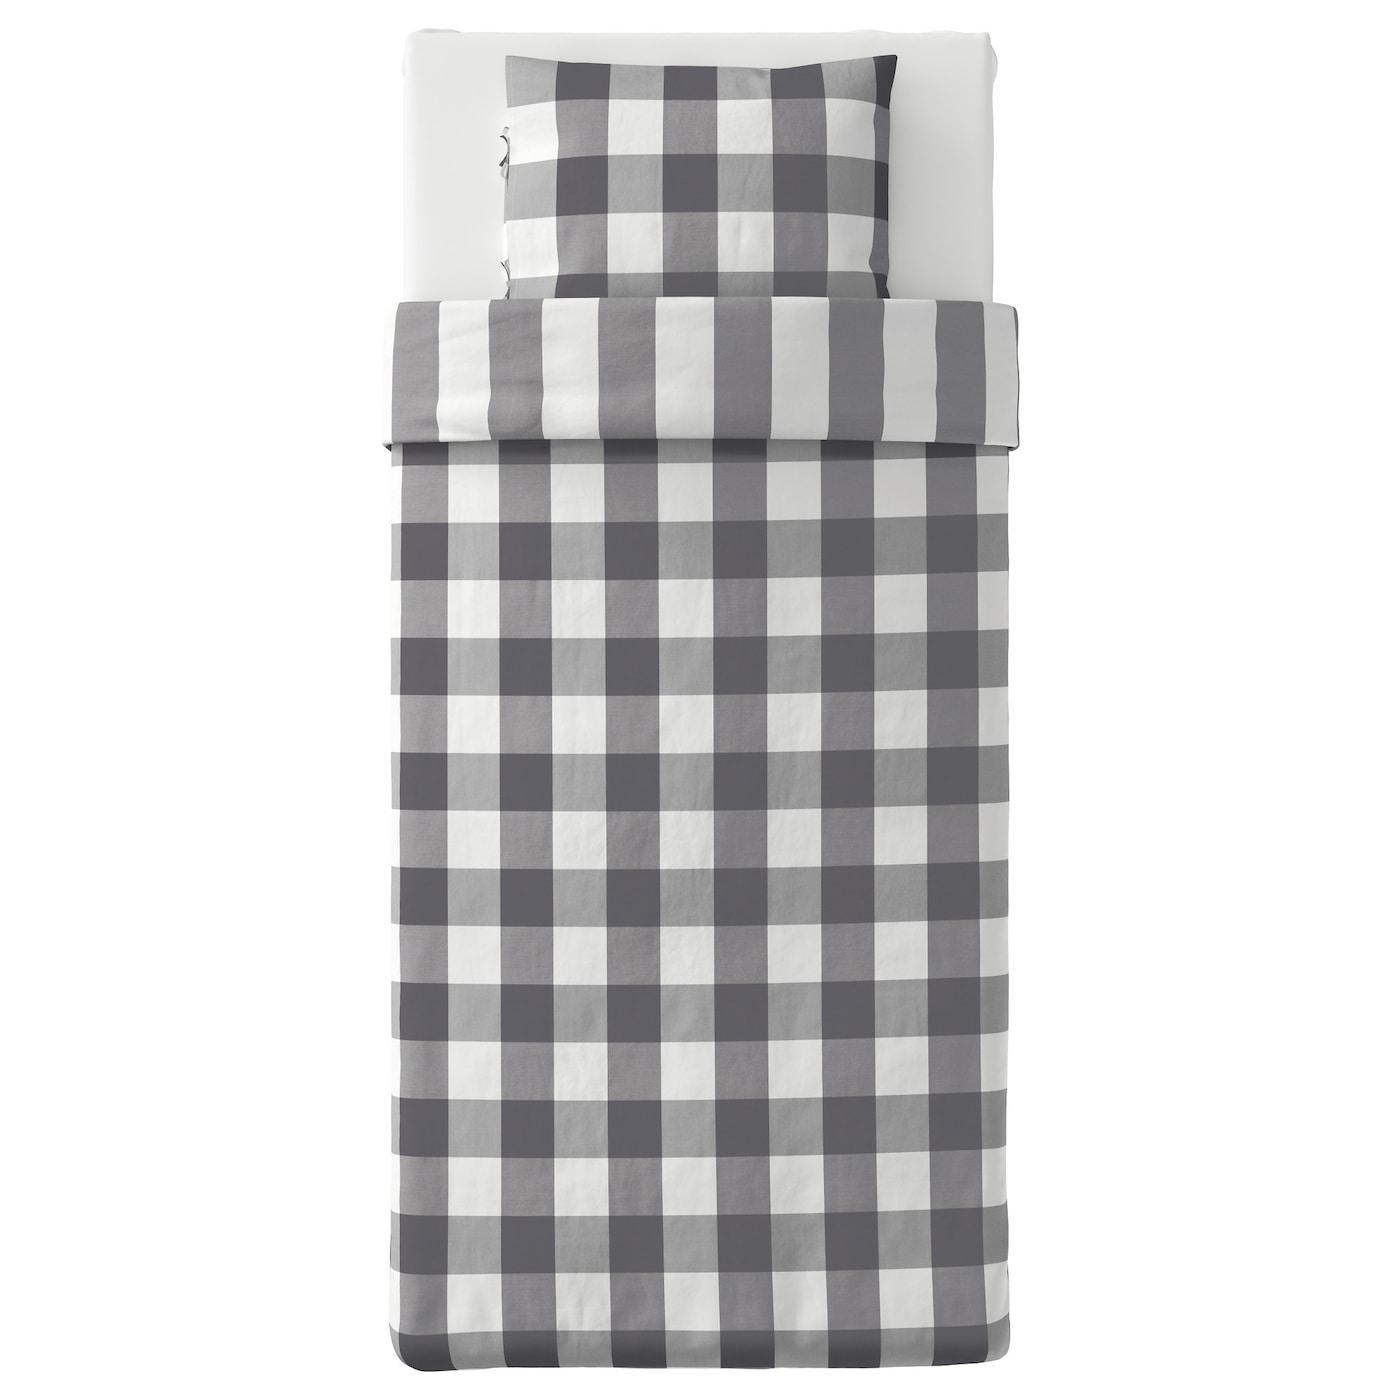 emmie ruta housse de couette et taie gris fonc blanc 150x200 50x60 cm ikea. Black Bedroom Furniture Sets. Home Design Ideas